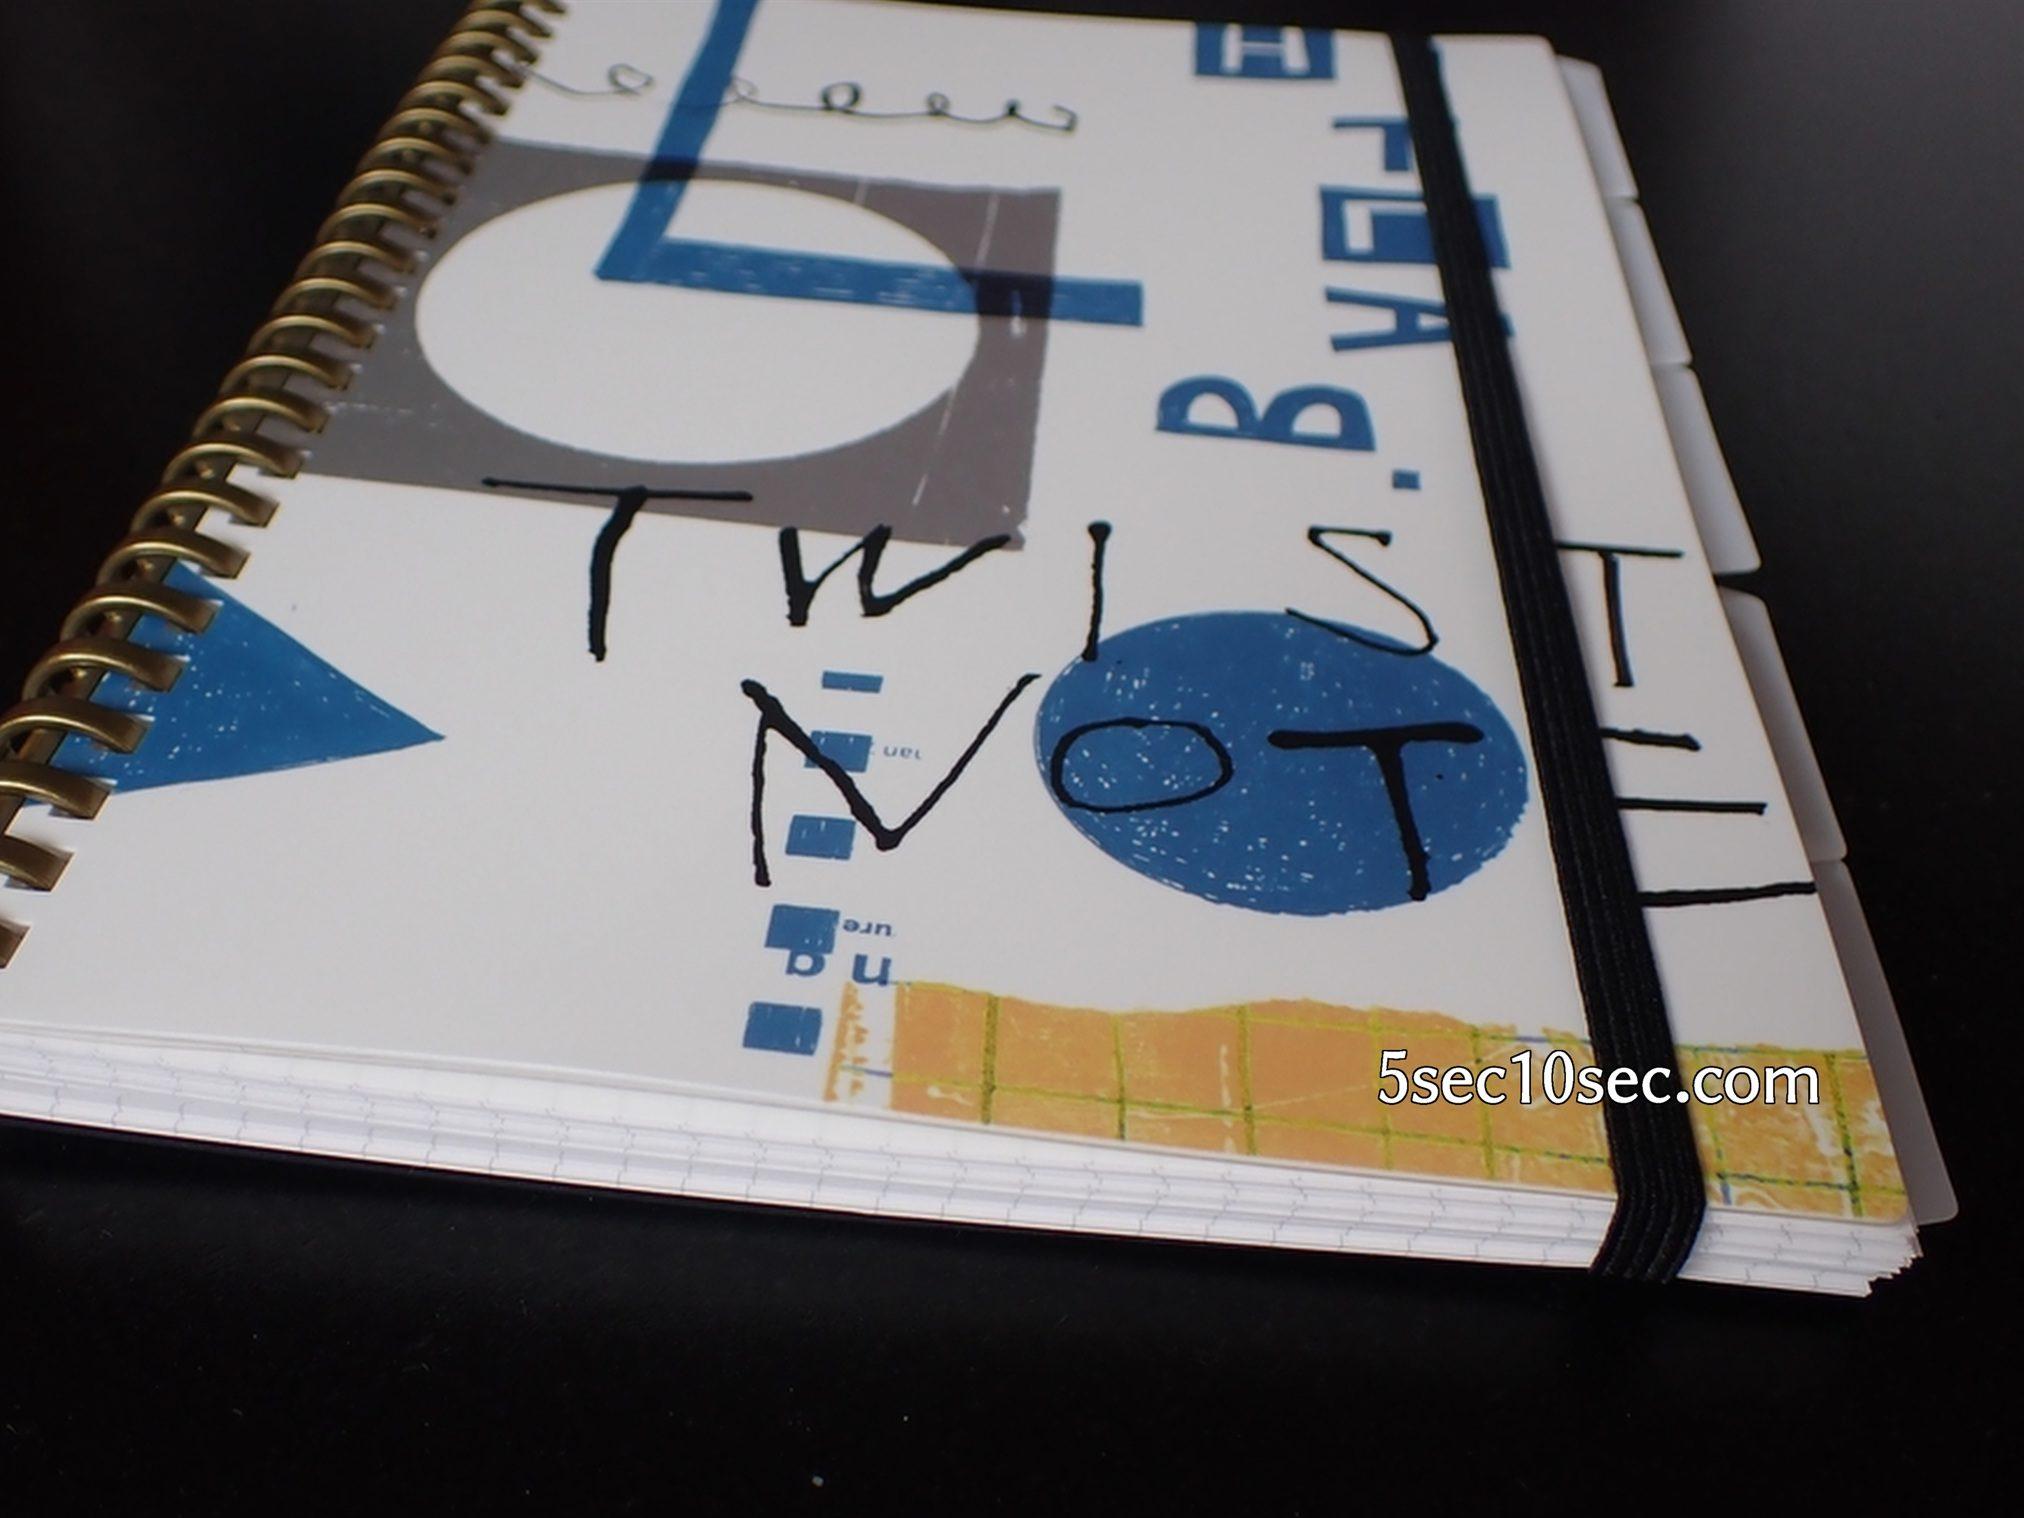 リヒトラブ ツイストノート 専用インデックス A5 24穴 N-1637 インデックスをカスタマイズツイストノートのセットした写真